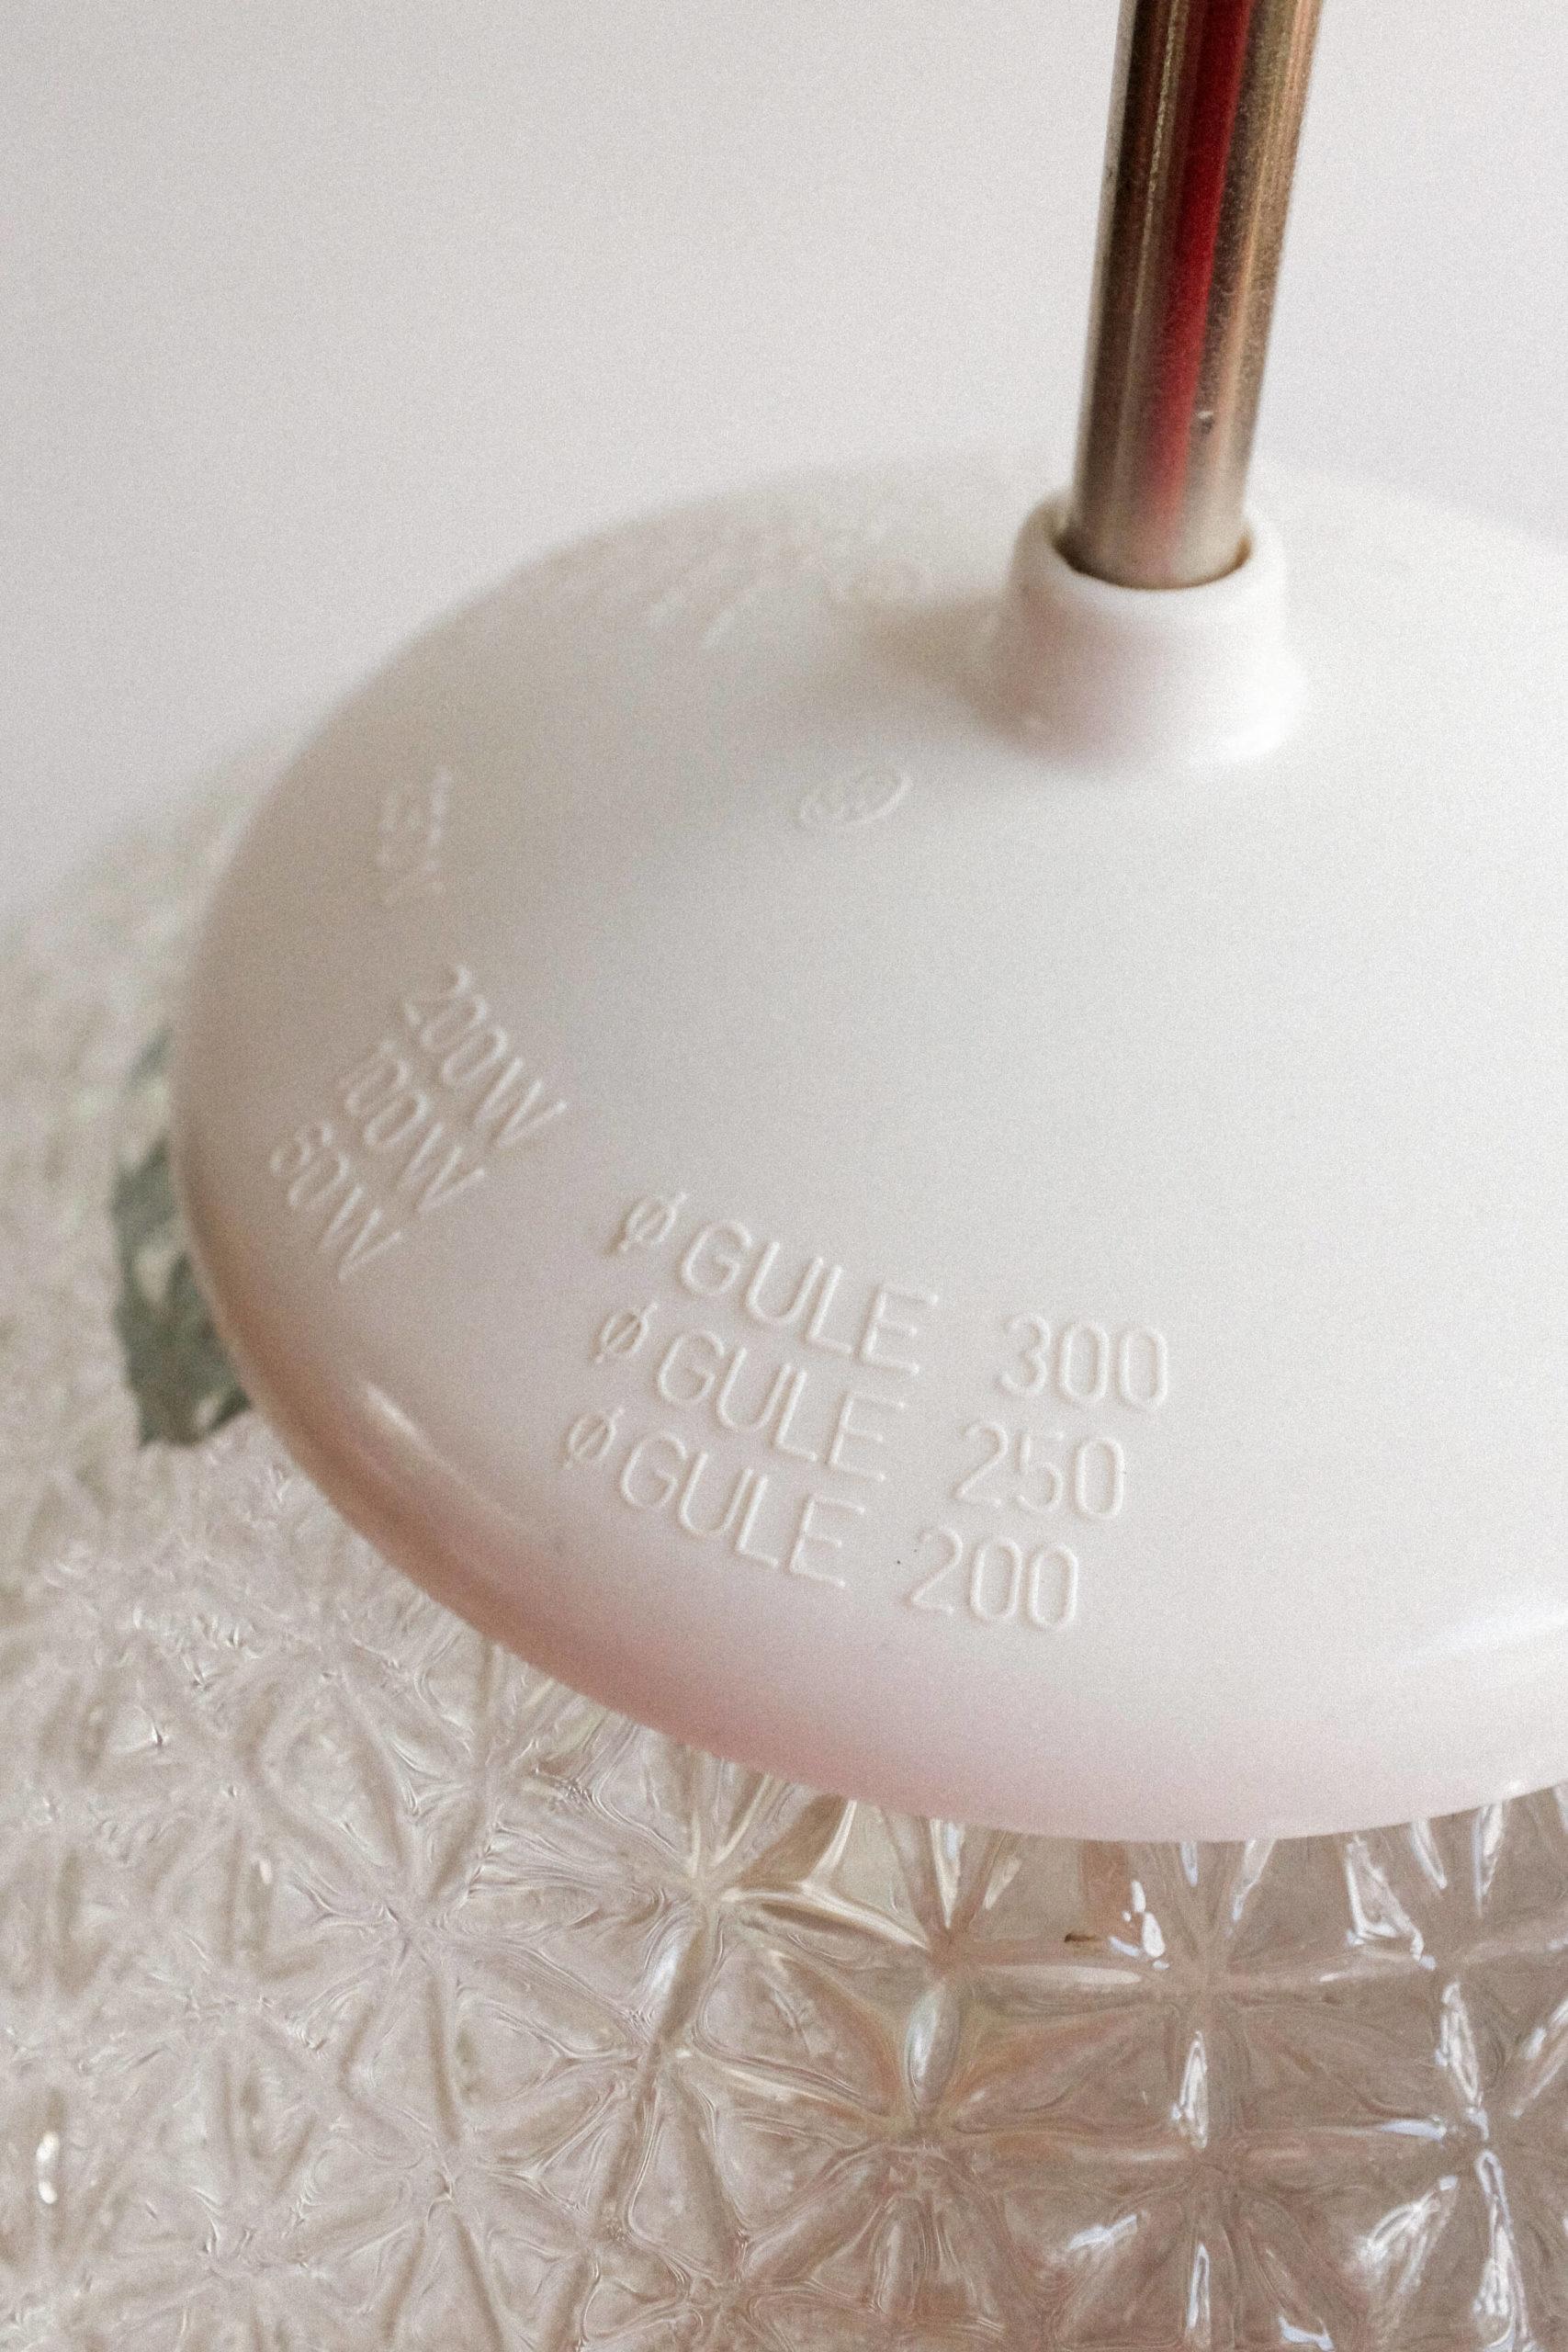 DSCF4994